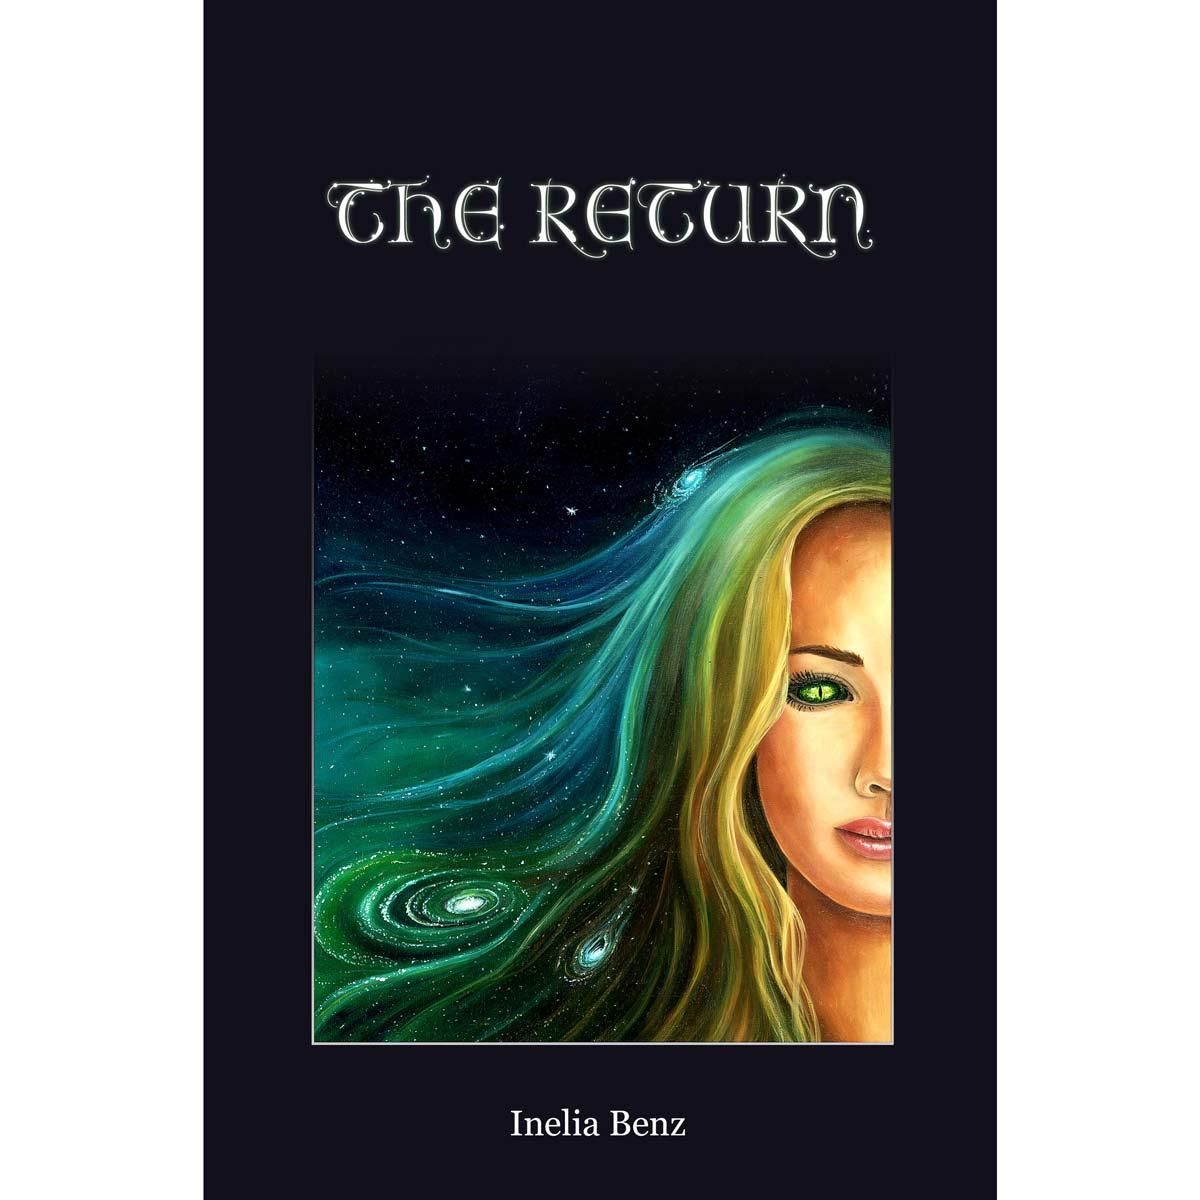 The Return, by Inelia Benz